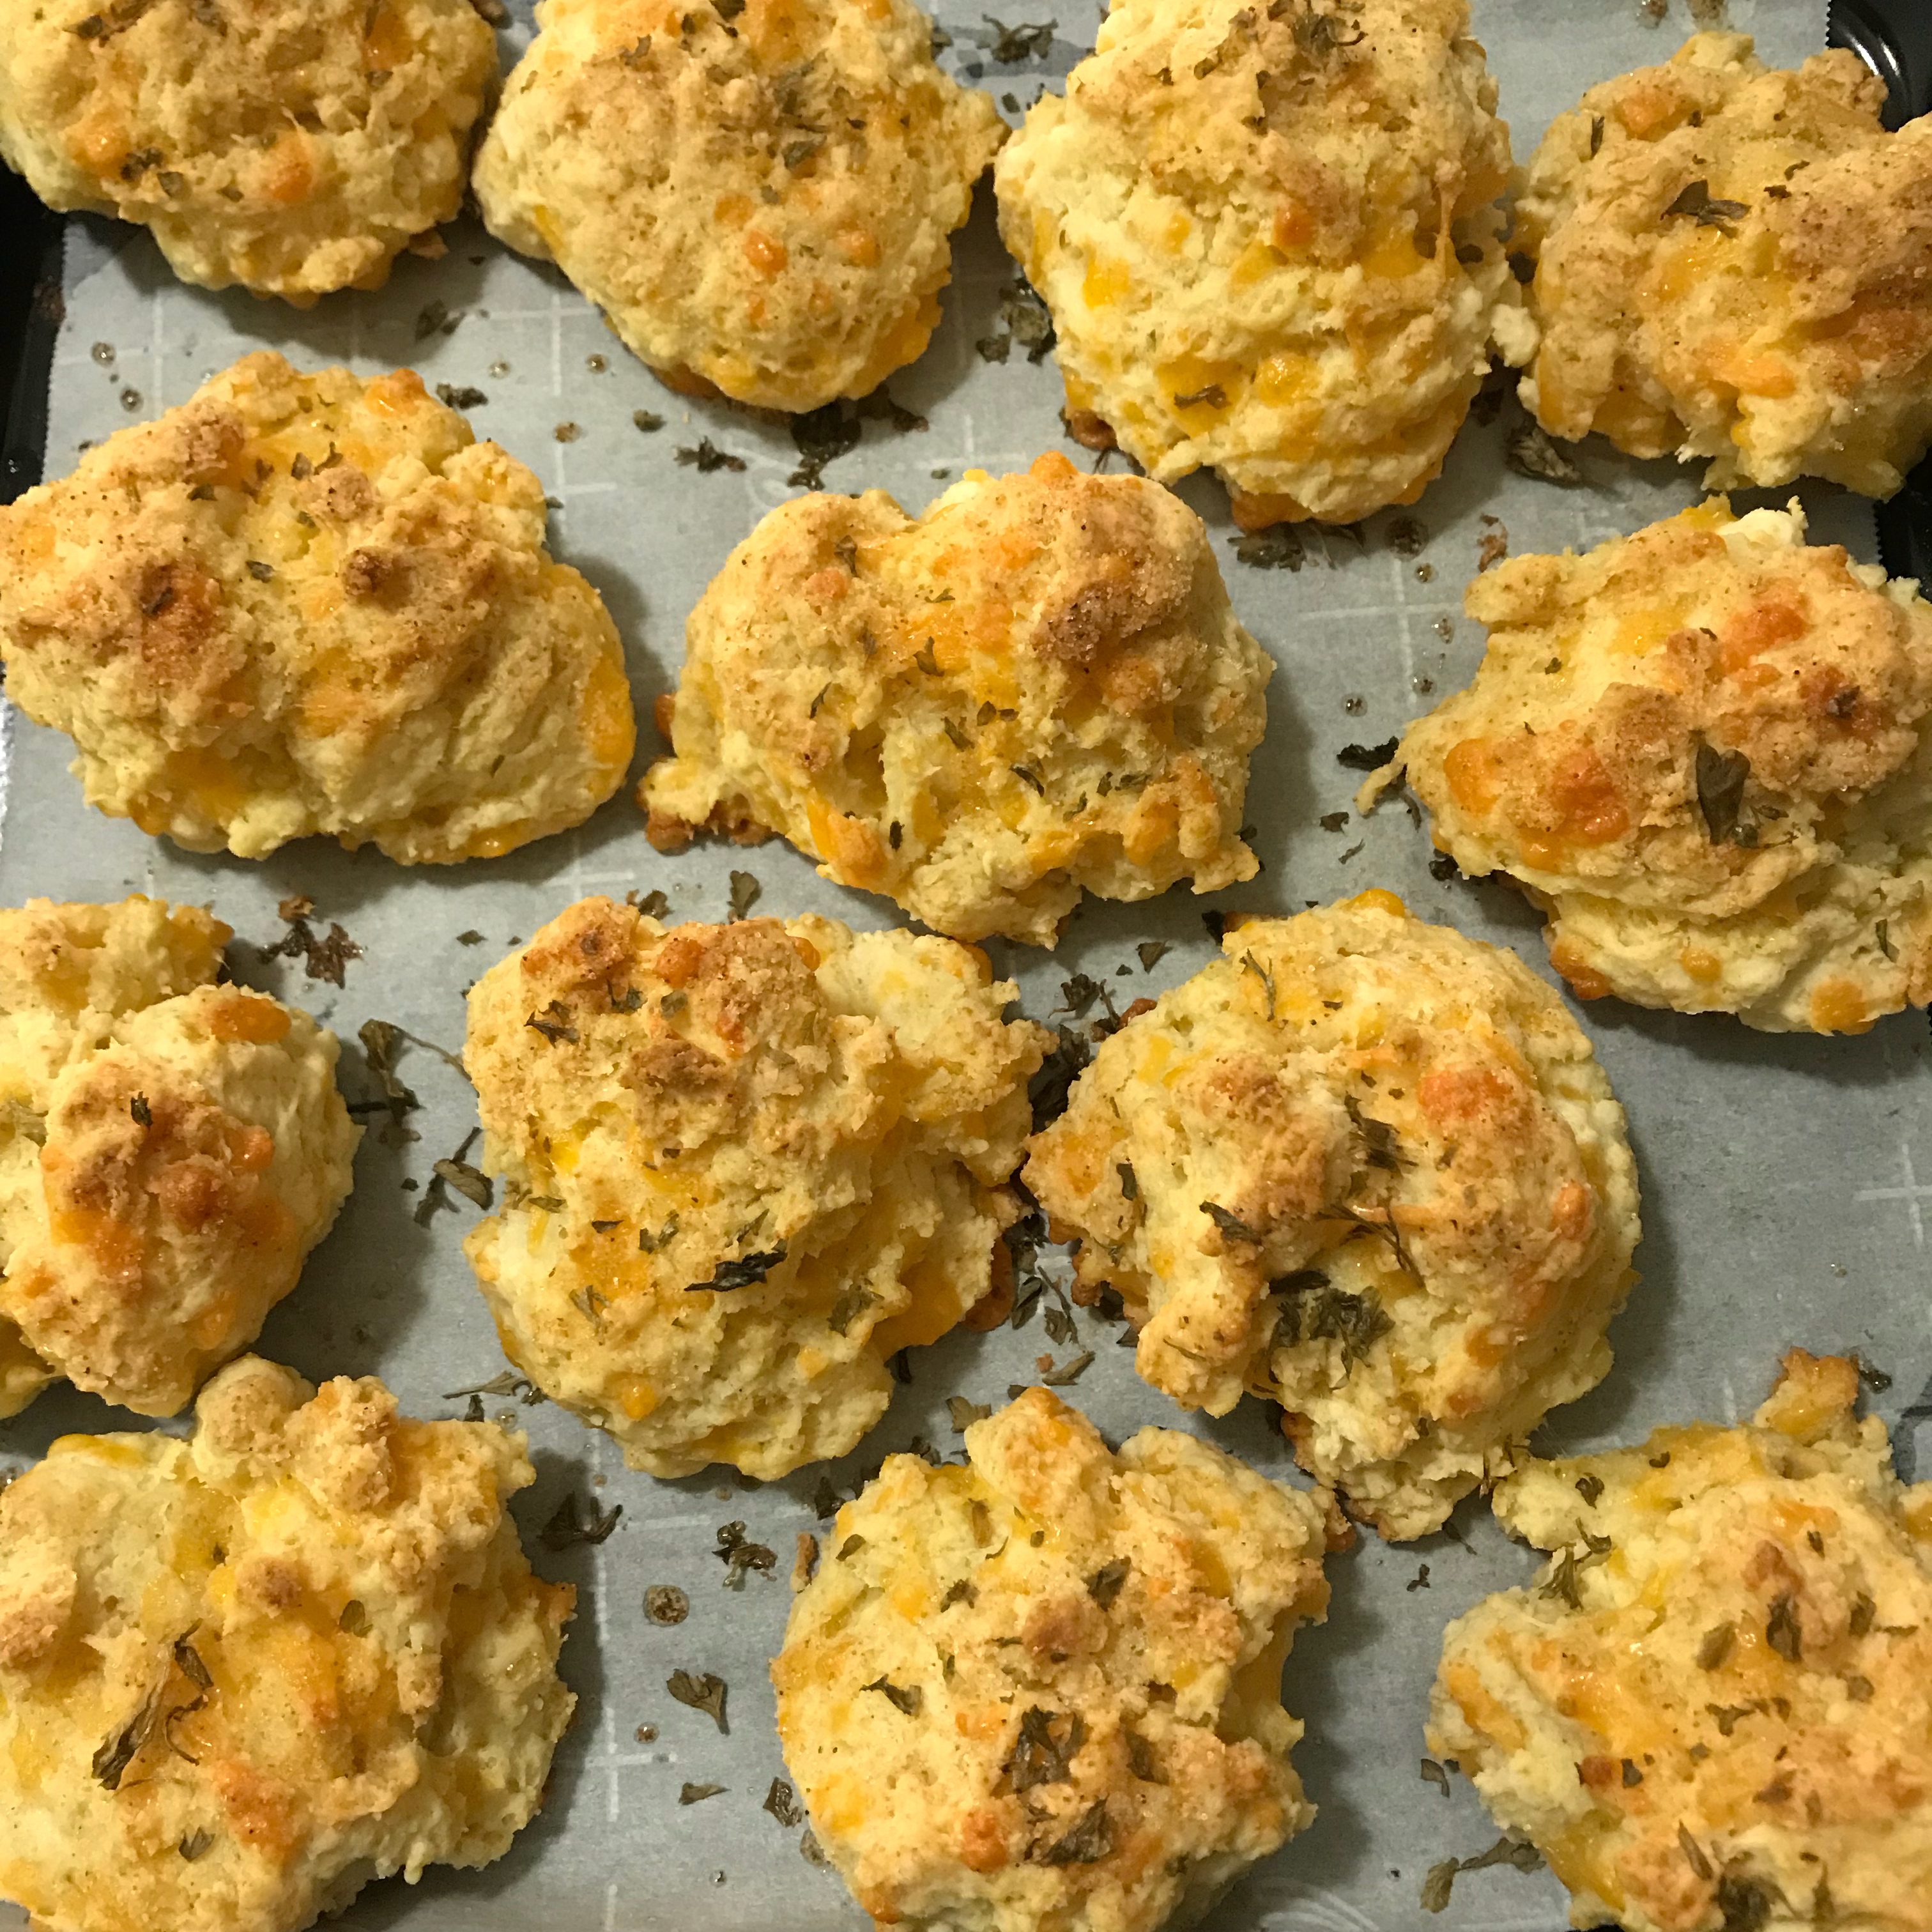 Cheddar Biscuits mkt003